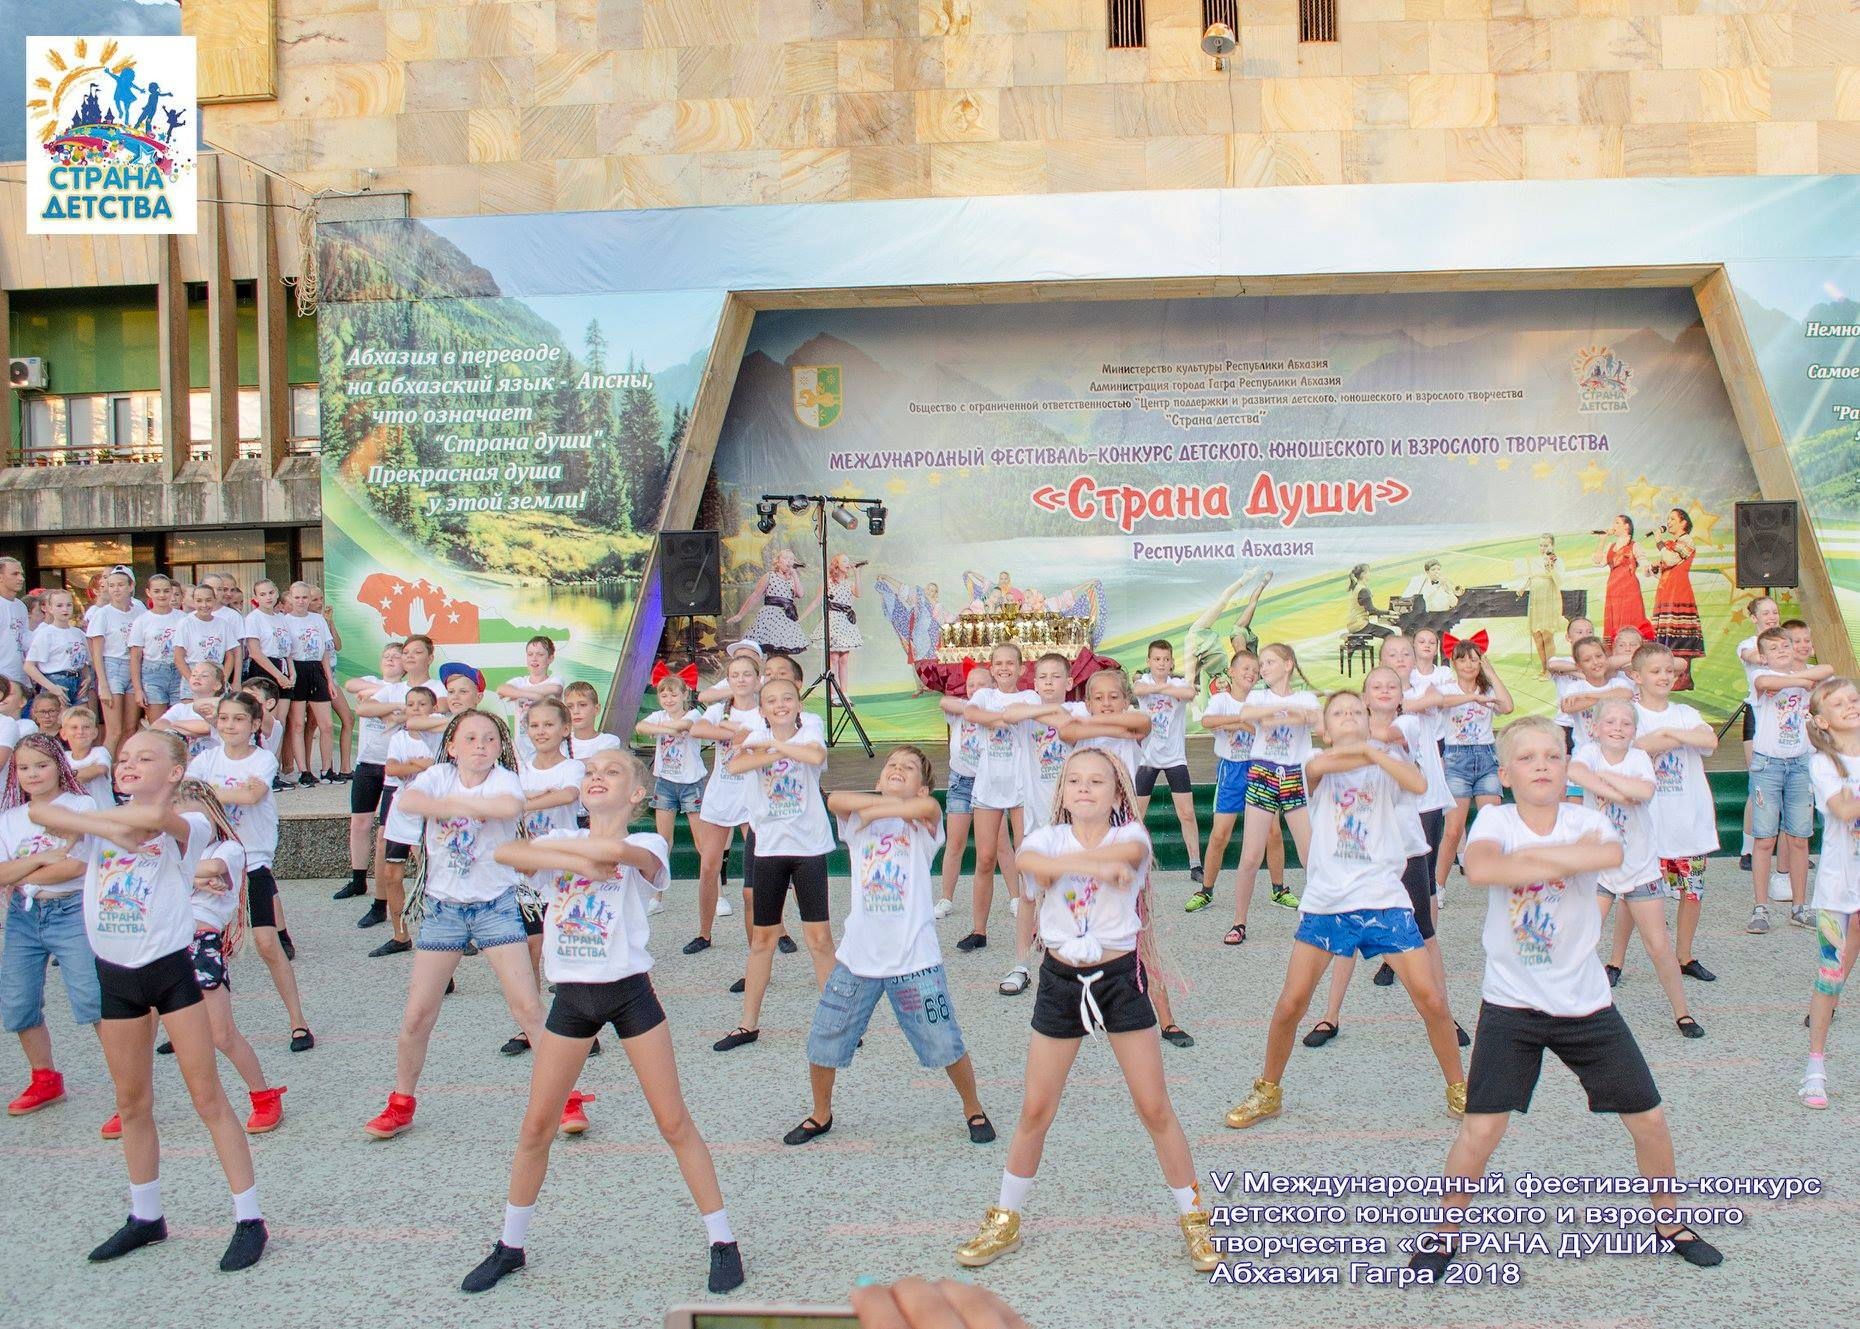 VIII Международный фестиваль-конкурс детского, юношеского и взрослого творчества